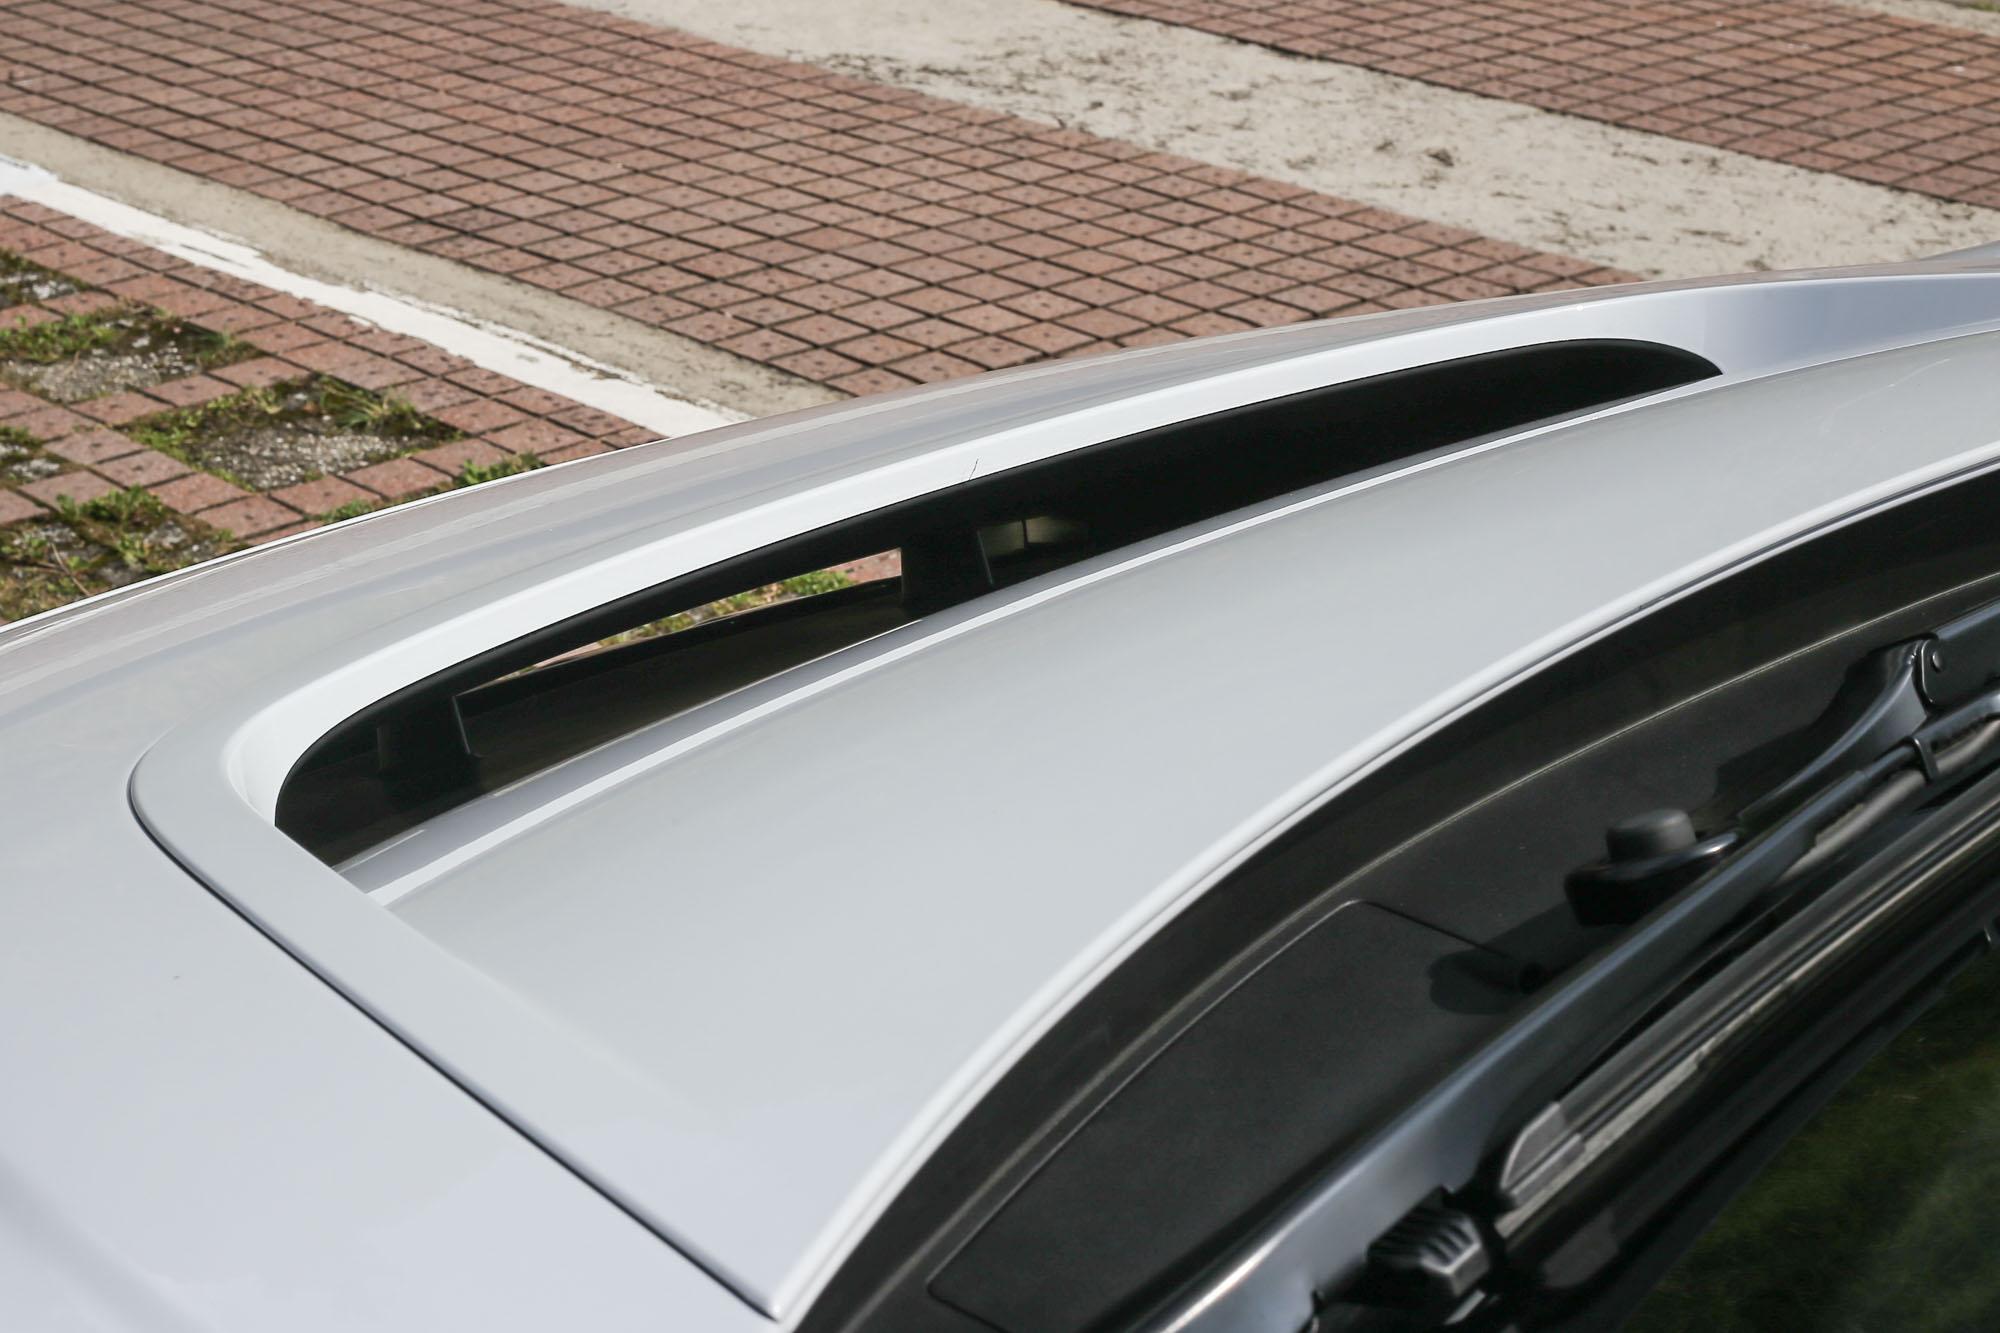 造型大膽的水箱護罩,能引導氣流通過「引擎蓋」與車頂線條,有效降低空氣阻力。